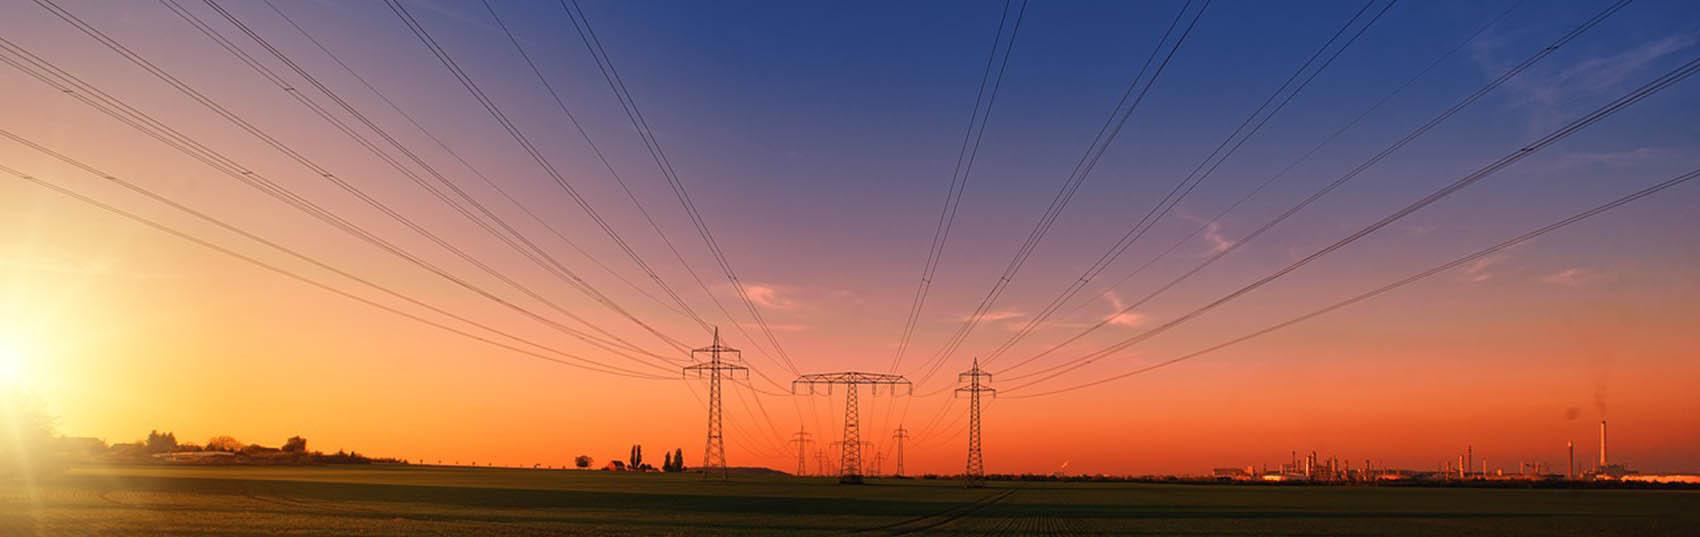 torres e linhas de energia eletrica